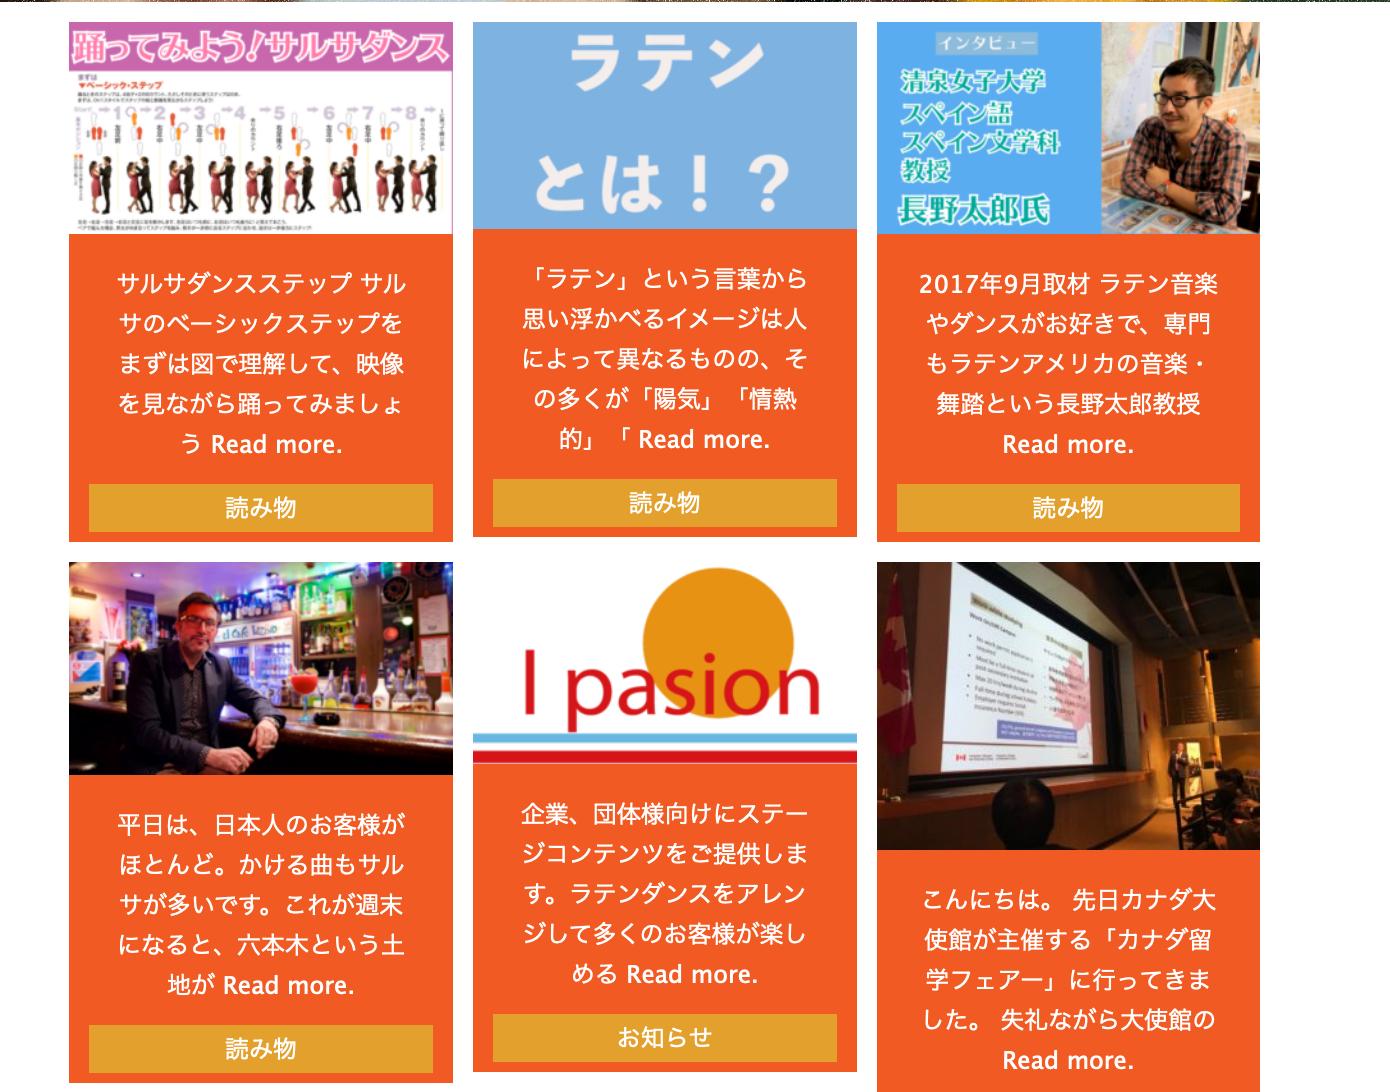 ご存知ですか?SHJ WEBサイトに「ラテンな記事」が増えています!